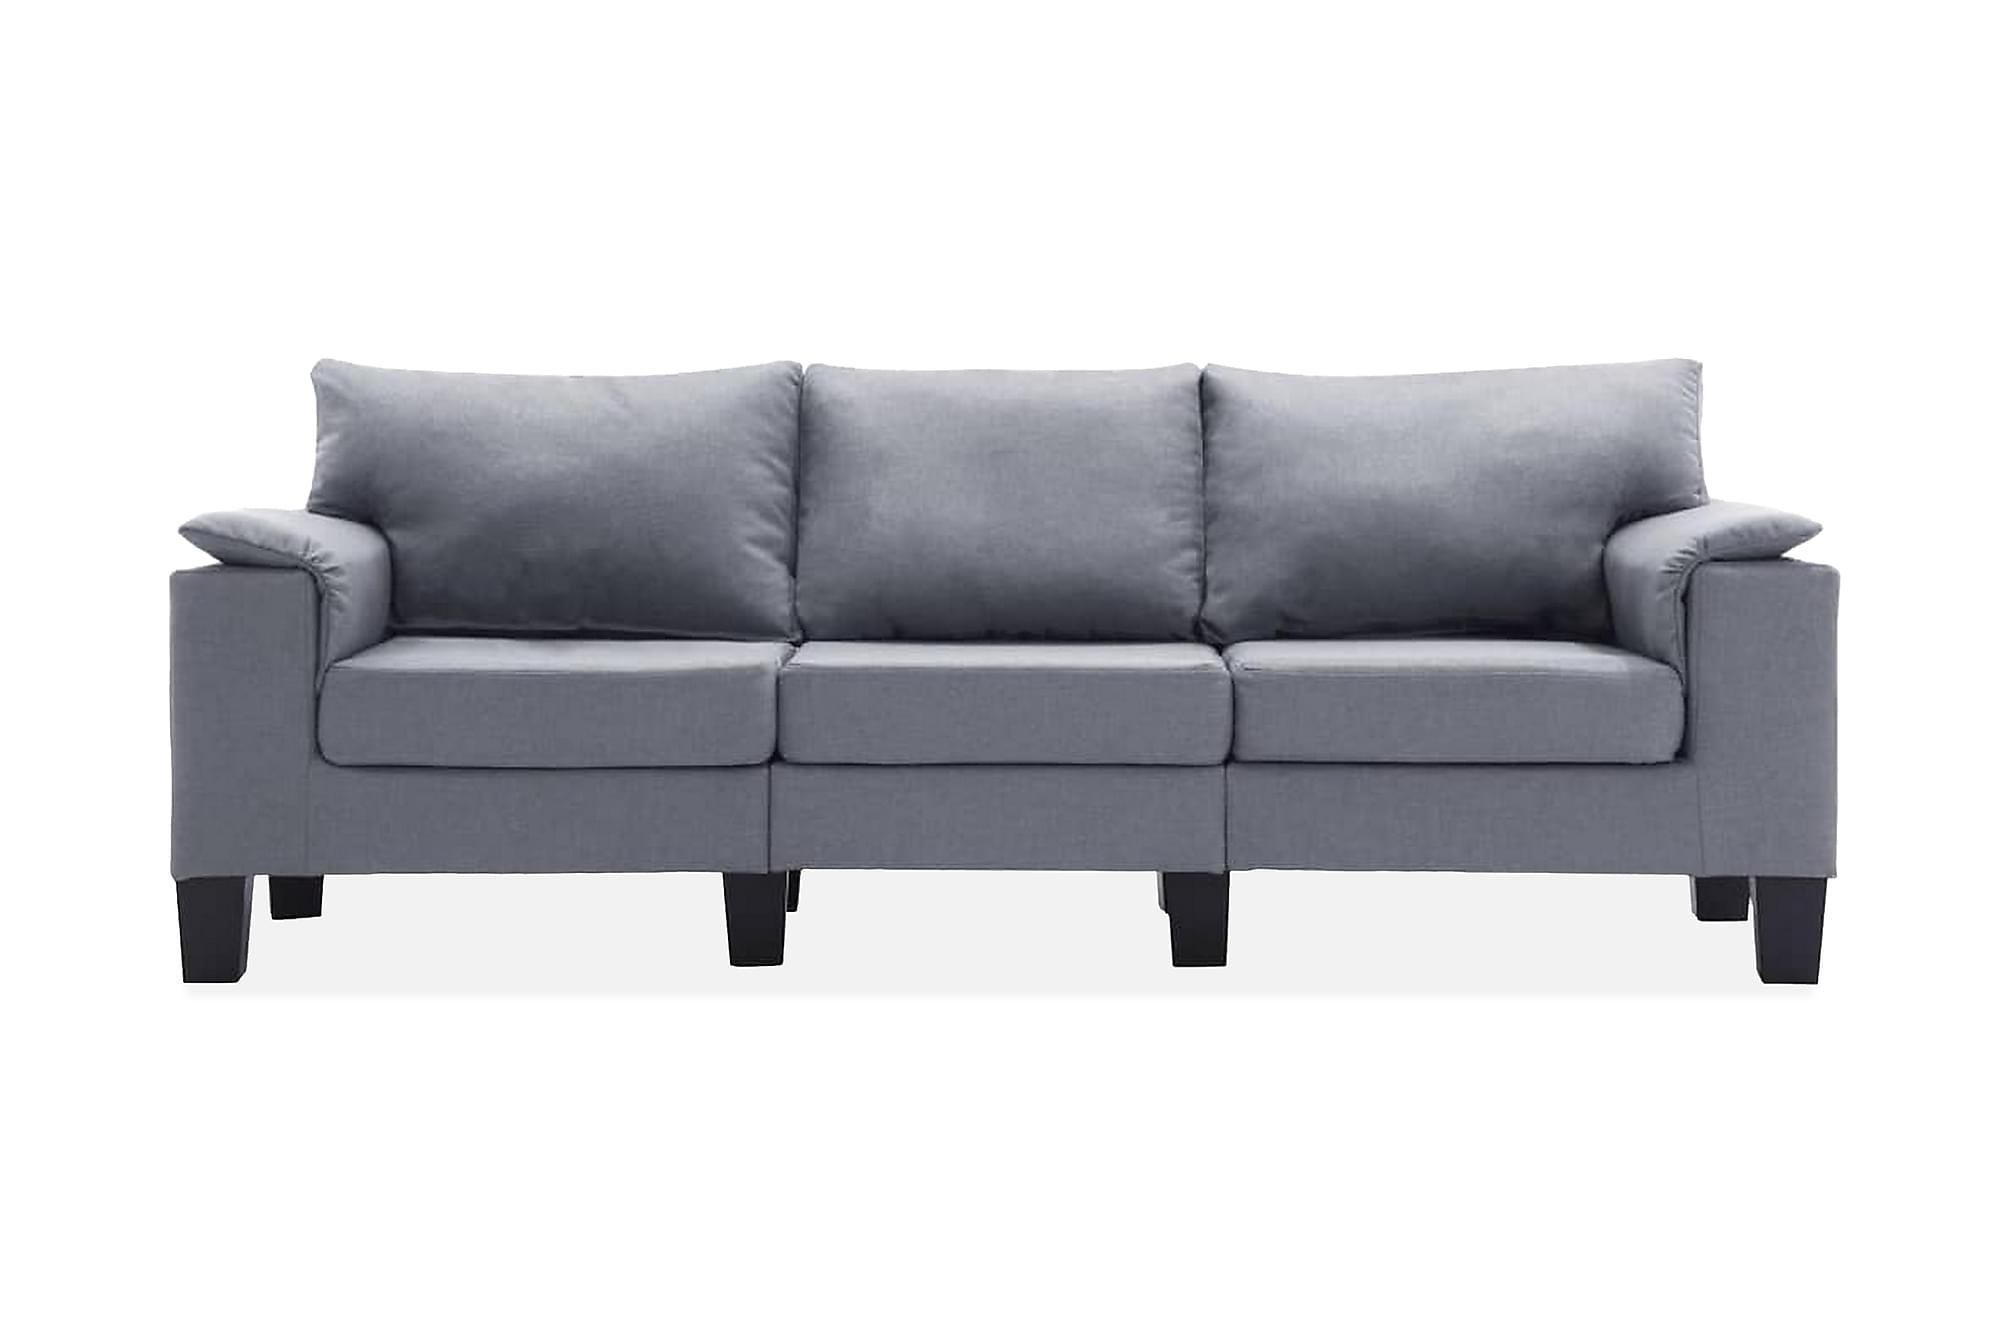 3-sitssoffa tyg ljusgrå, Modulsoffor